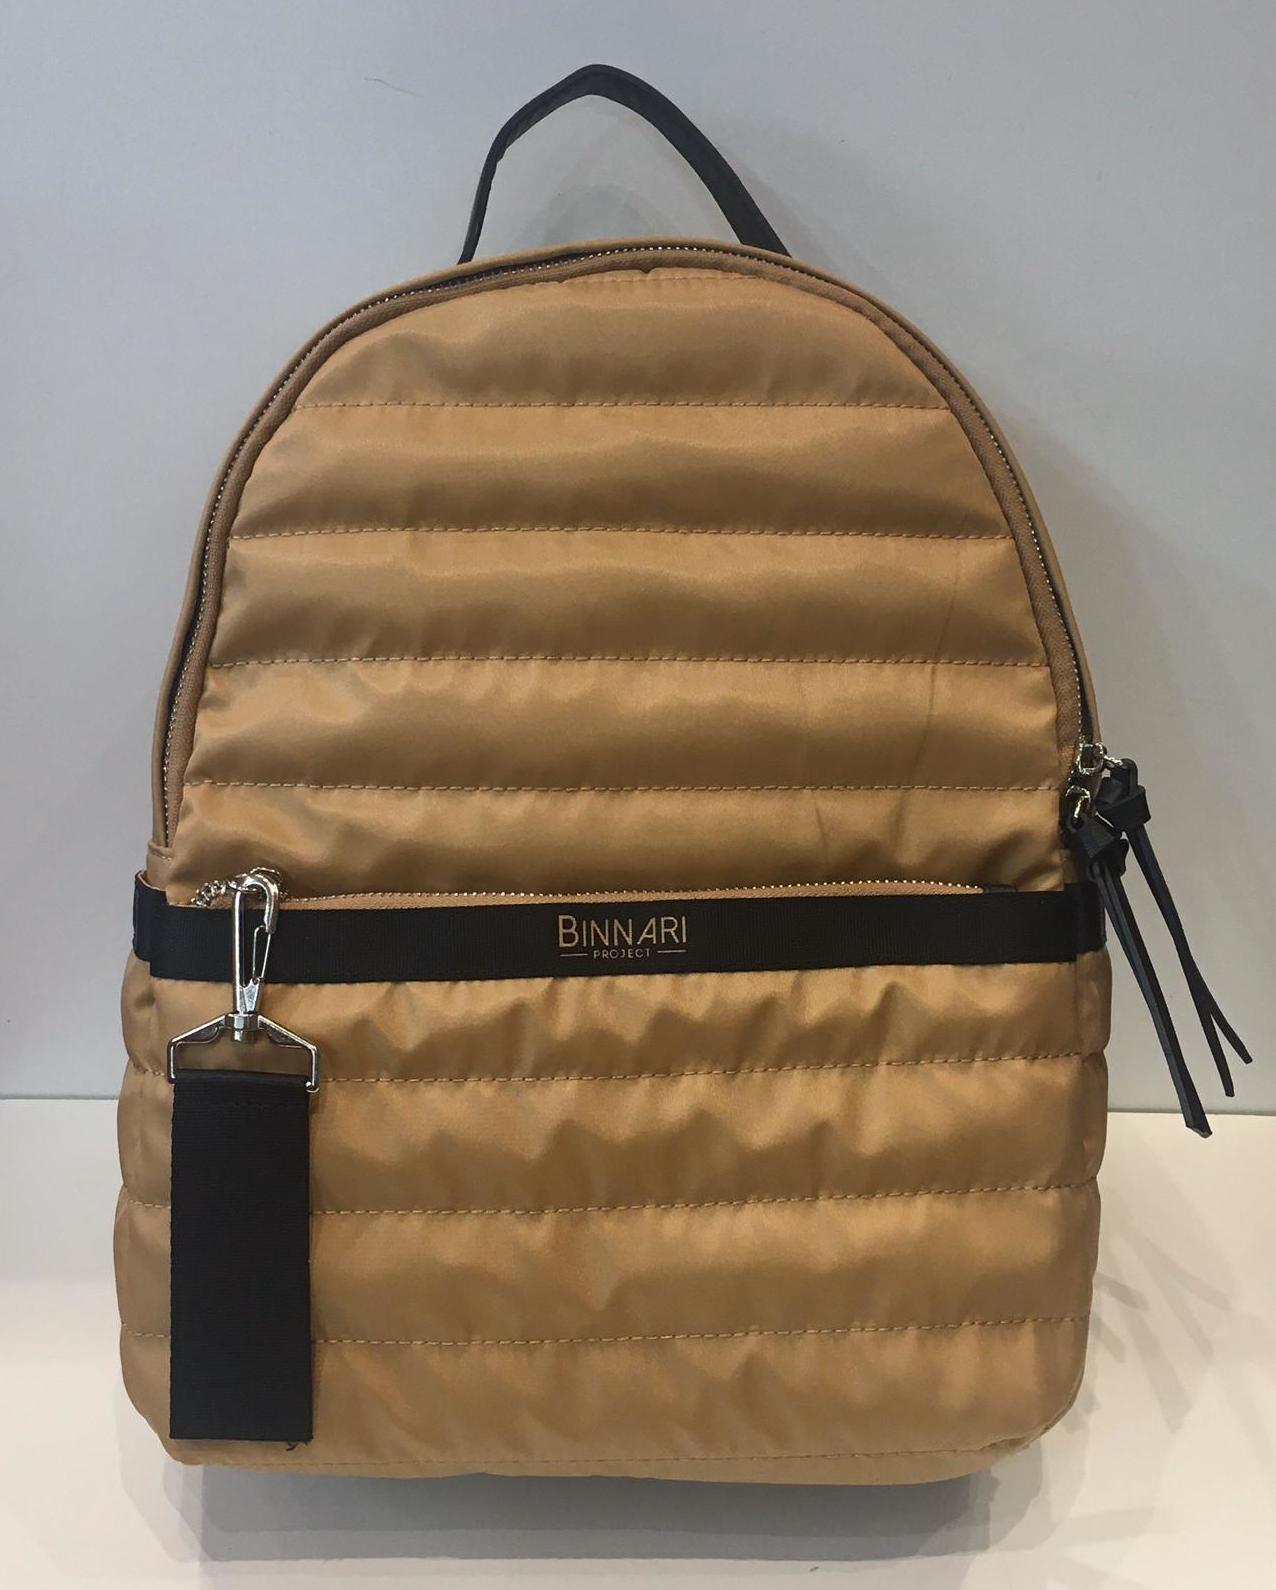 Motxilla de la marca Binnari 42€ — a La Bisbal.